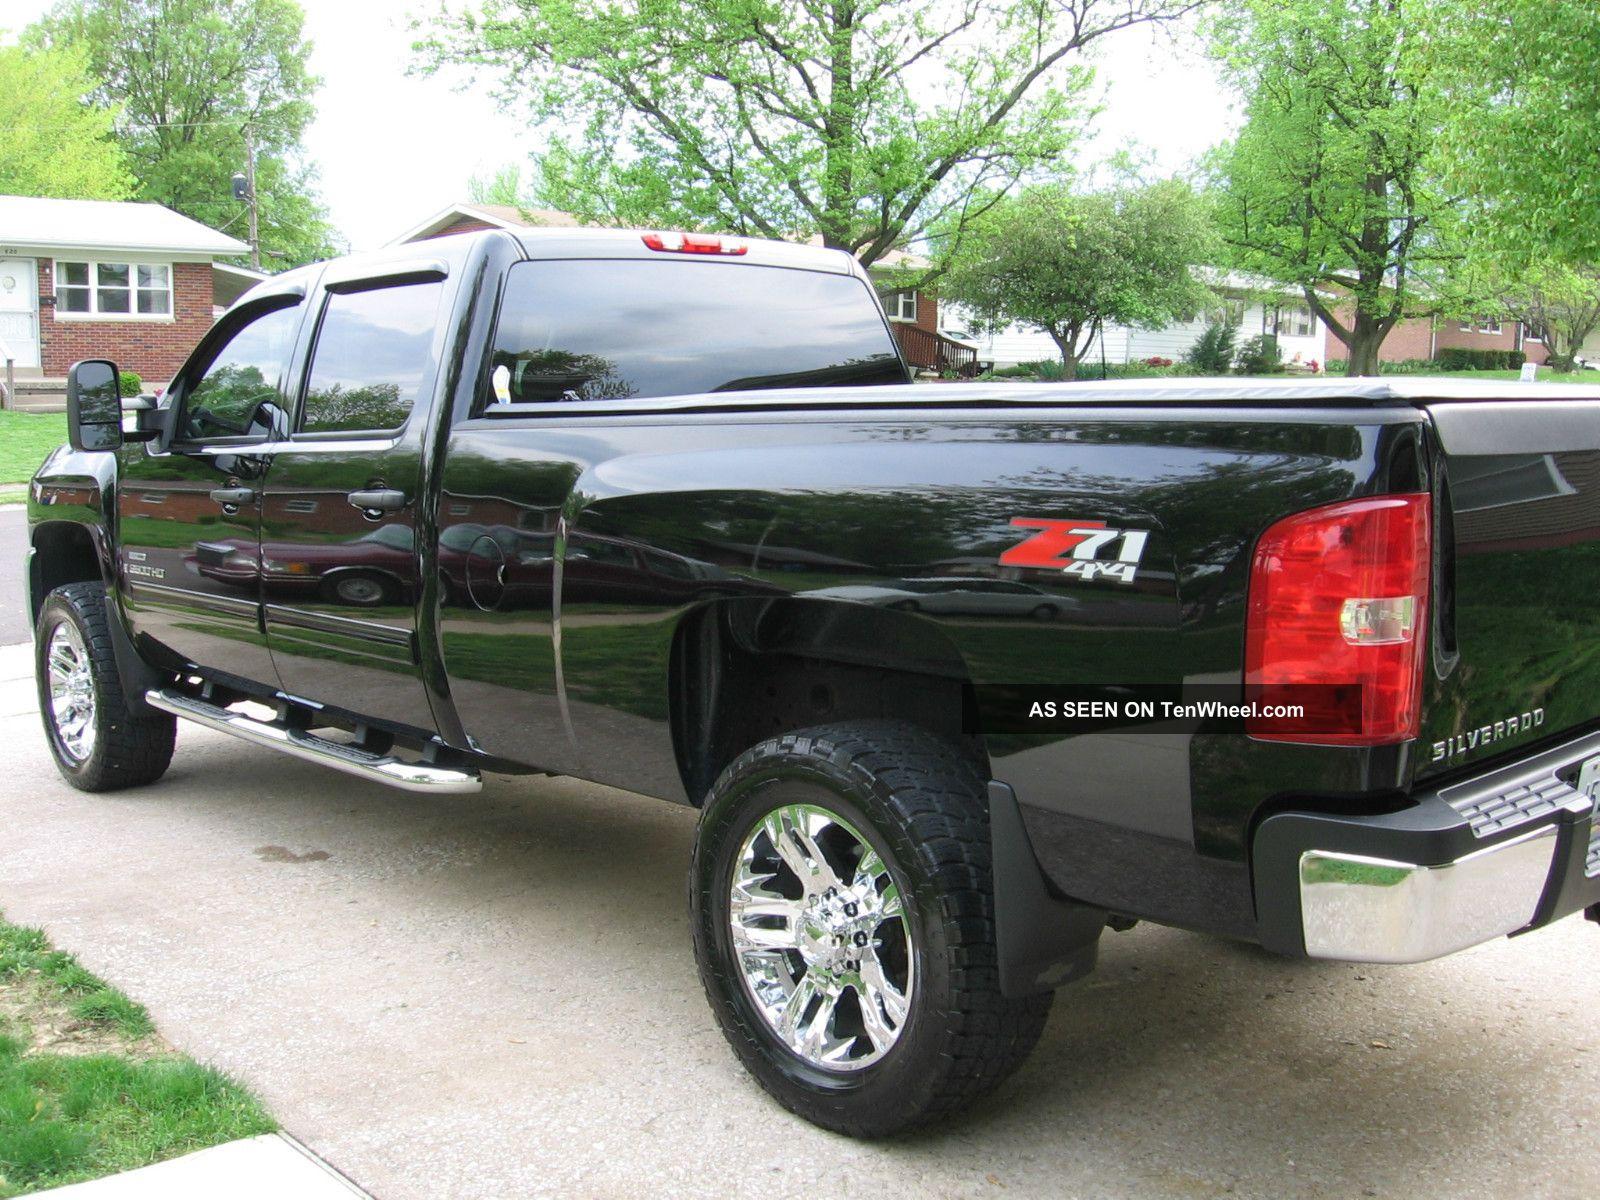 2009 chevrolet silverado 3500 hd lt crew cab pickup 4 door 6 6l. Black Bedroom Furniture Sets. Home Design Ideas